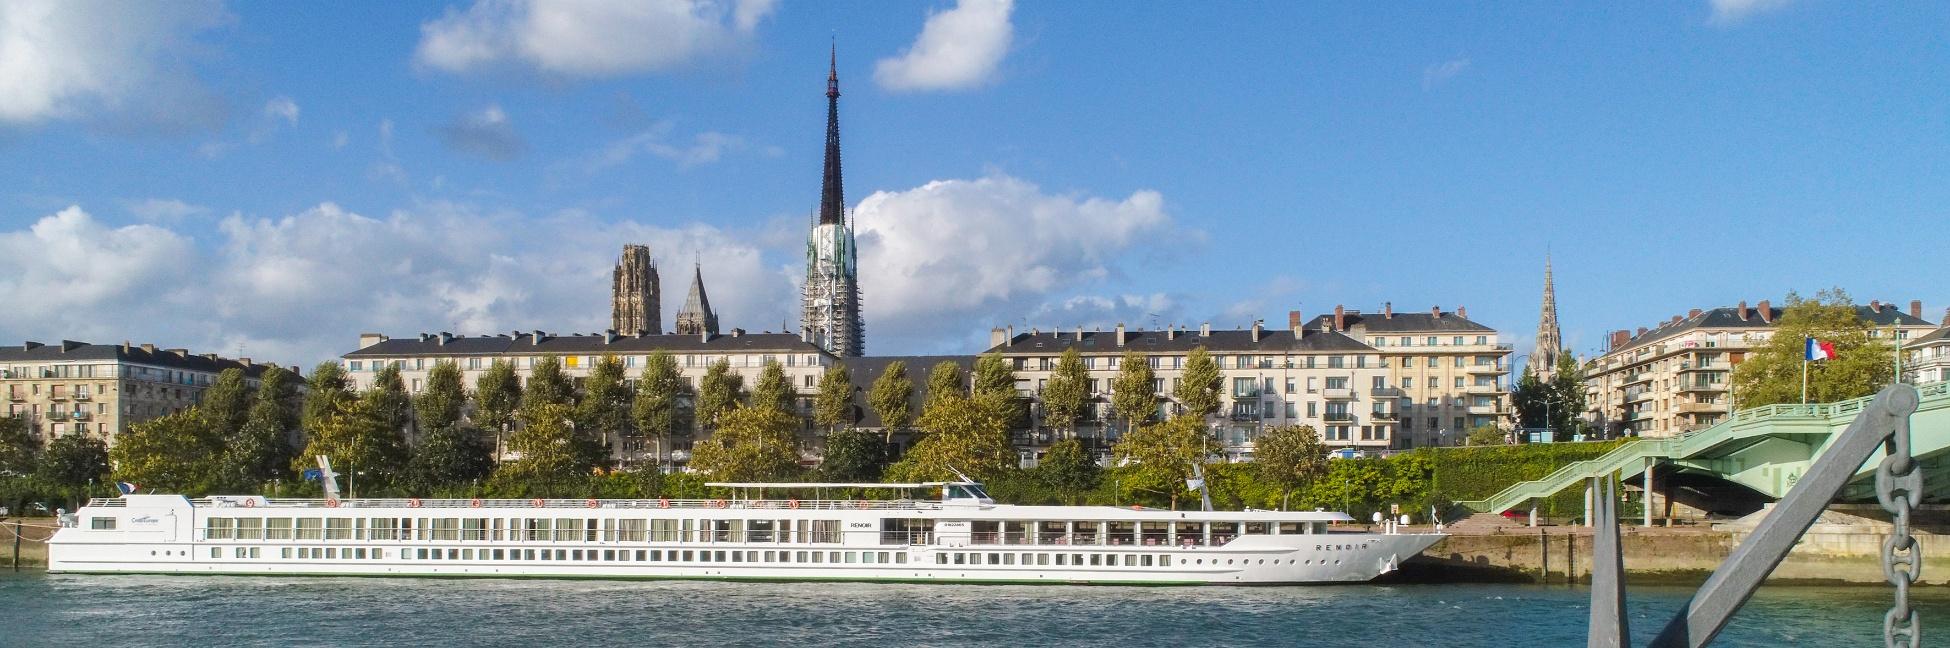 Le MS Renoir sur la Seine